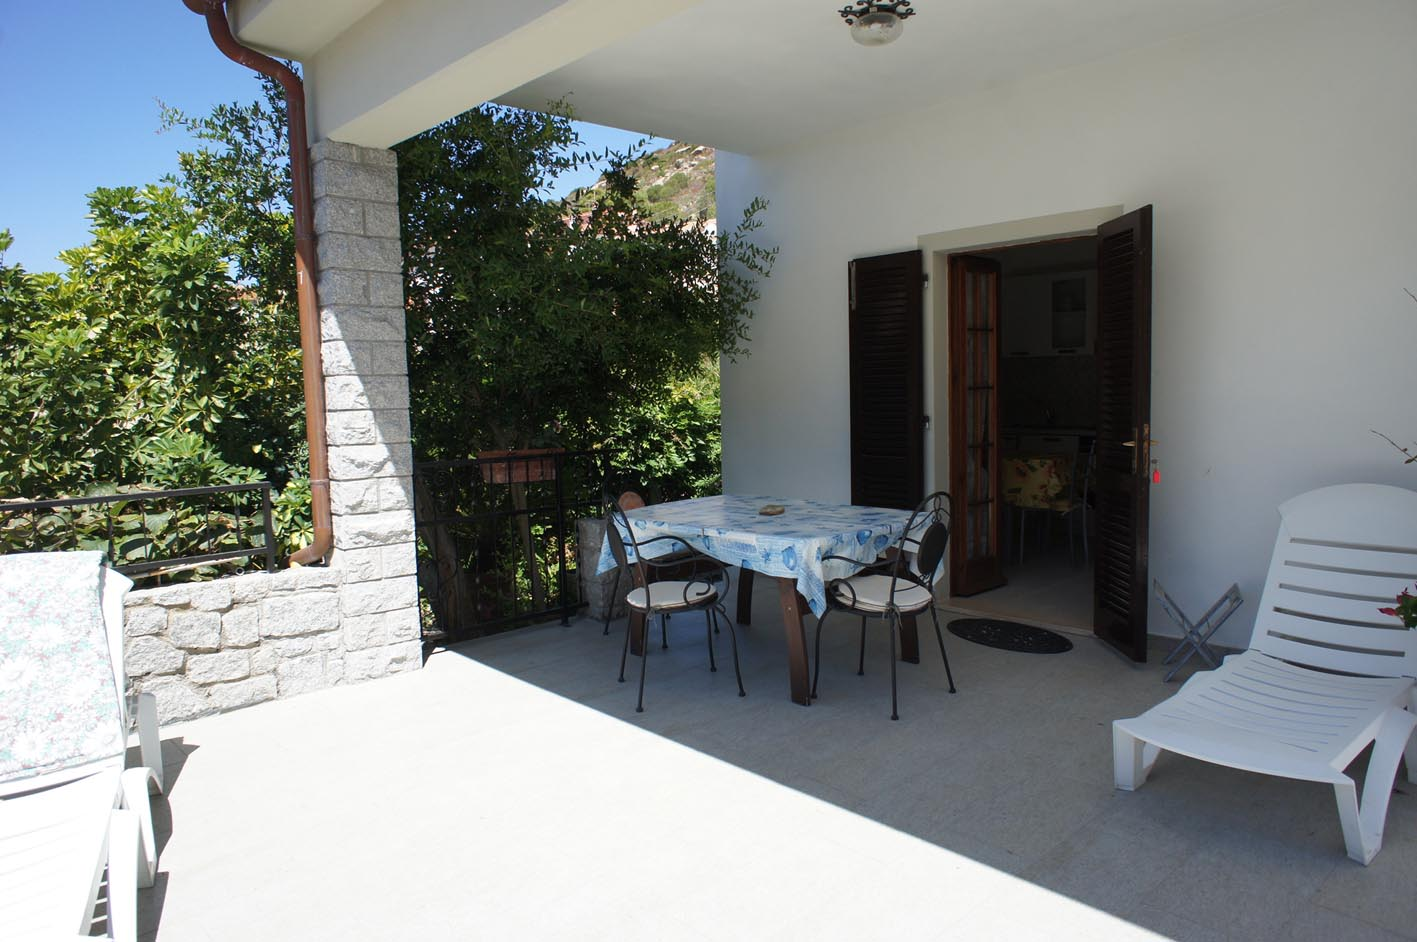 casa glicine - wisteria